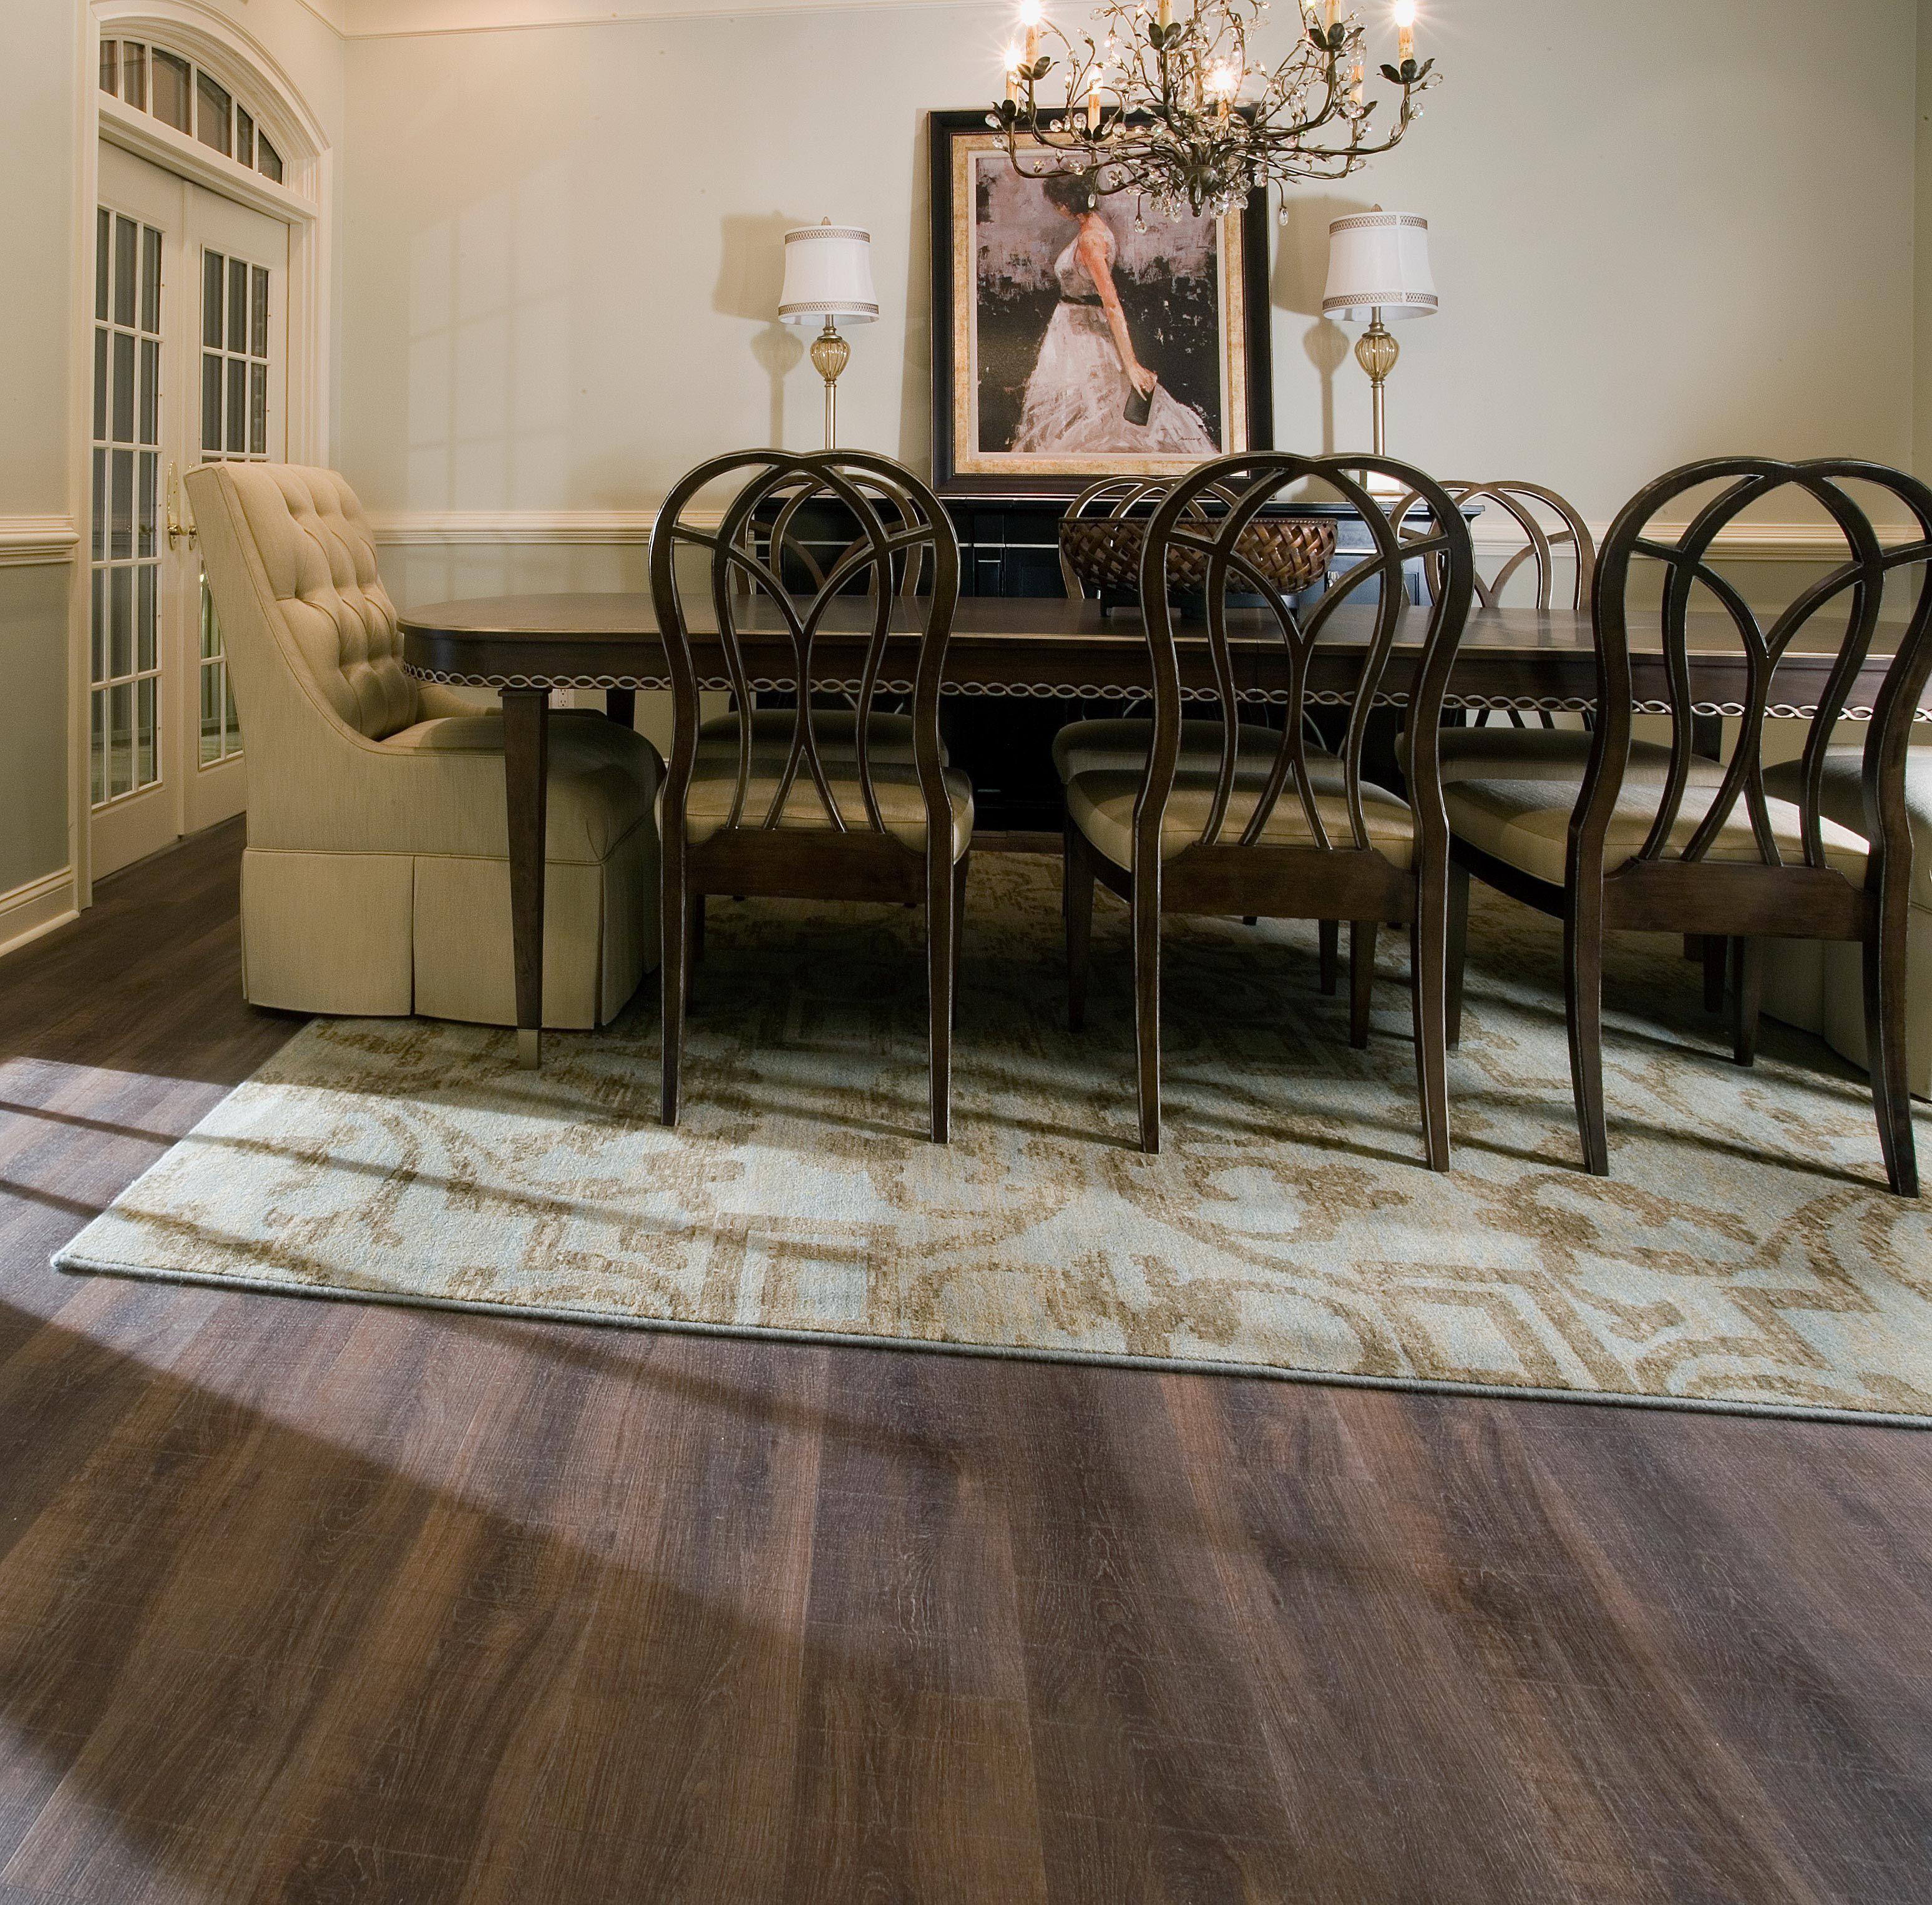 Dalton Dream Home Installation Carpets of Dalton COREtec